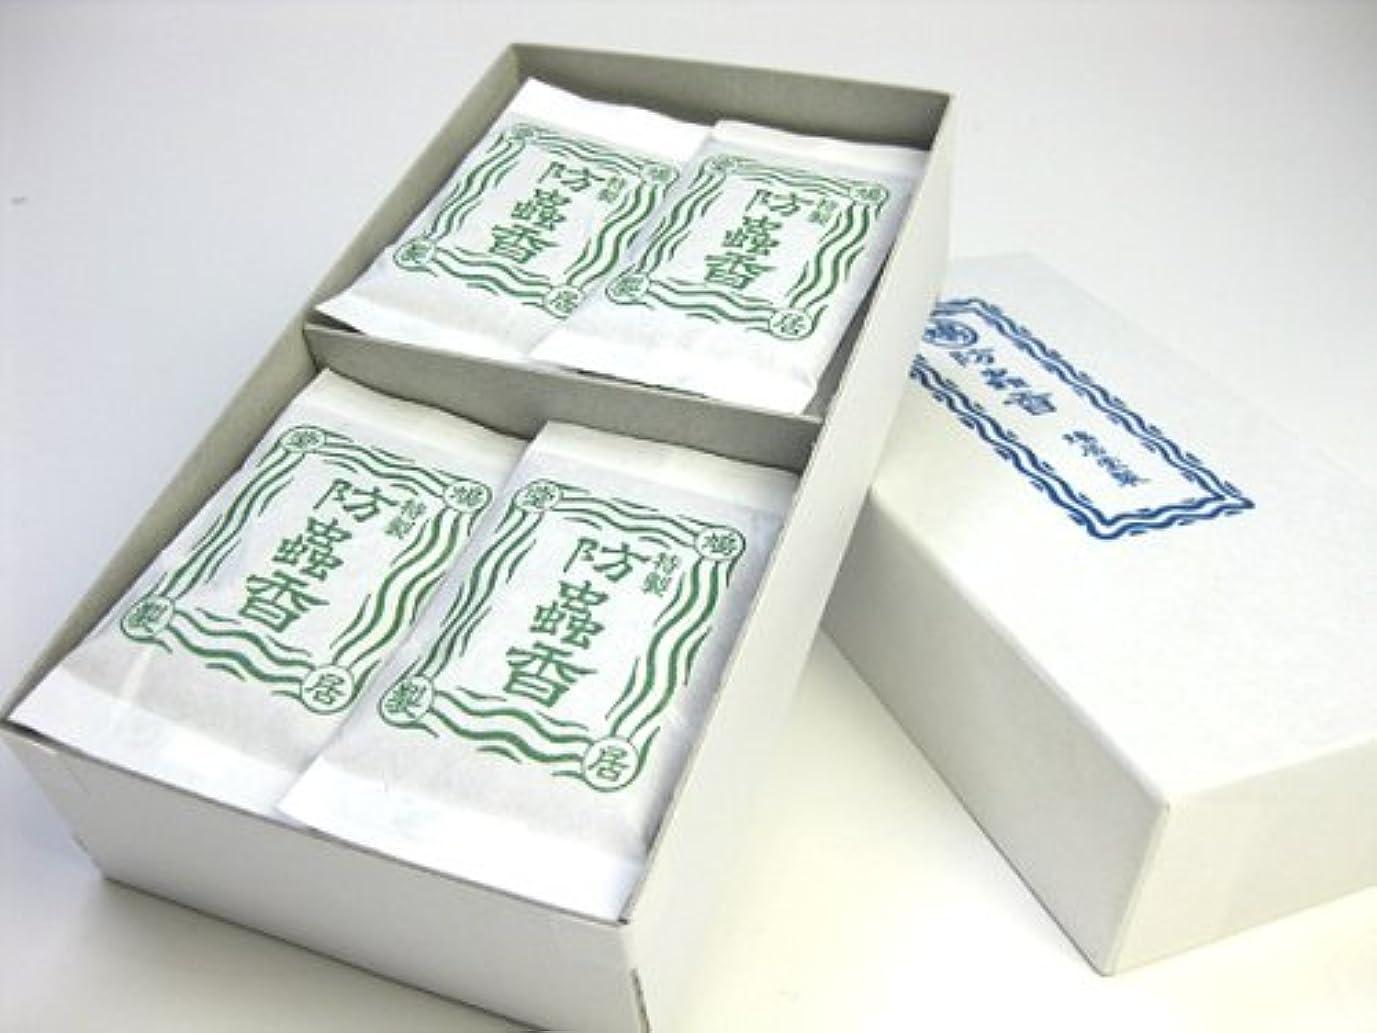 アナログ処方エイリアス鳩居堂の防虫香 特製防虫香 20個入